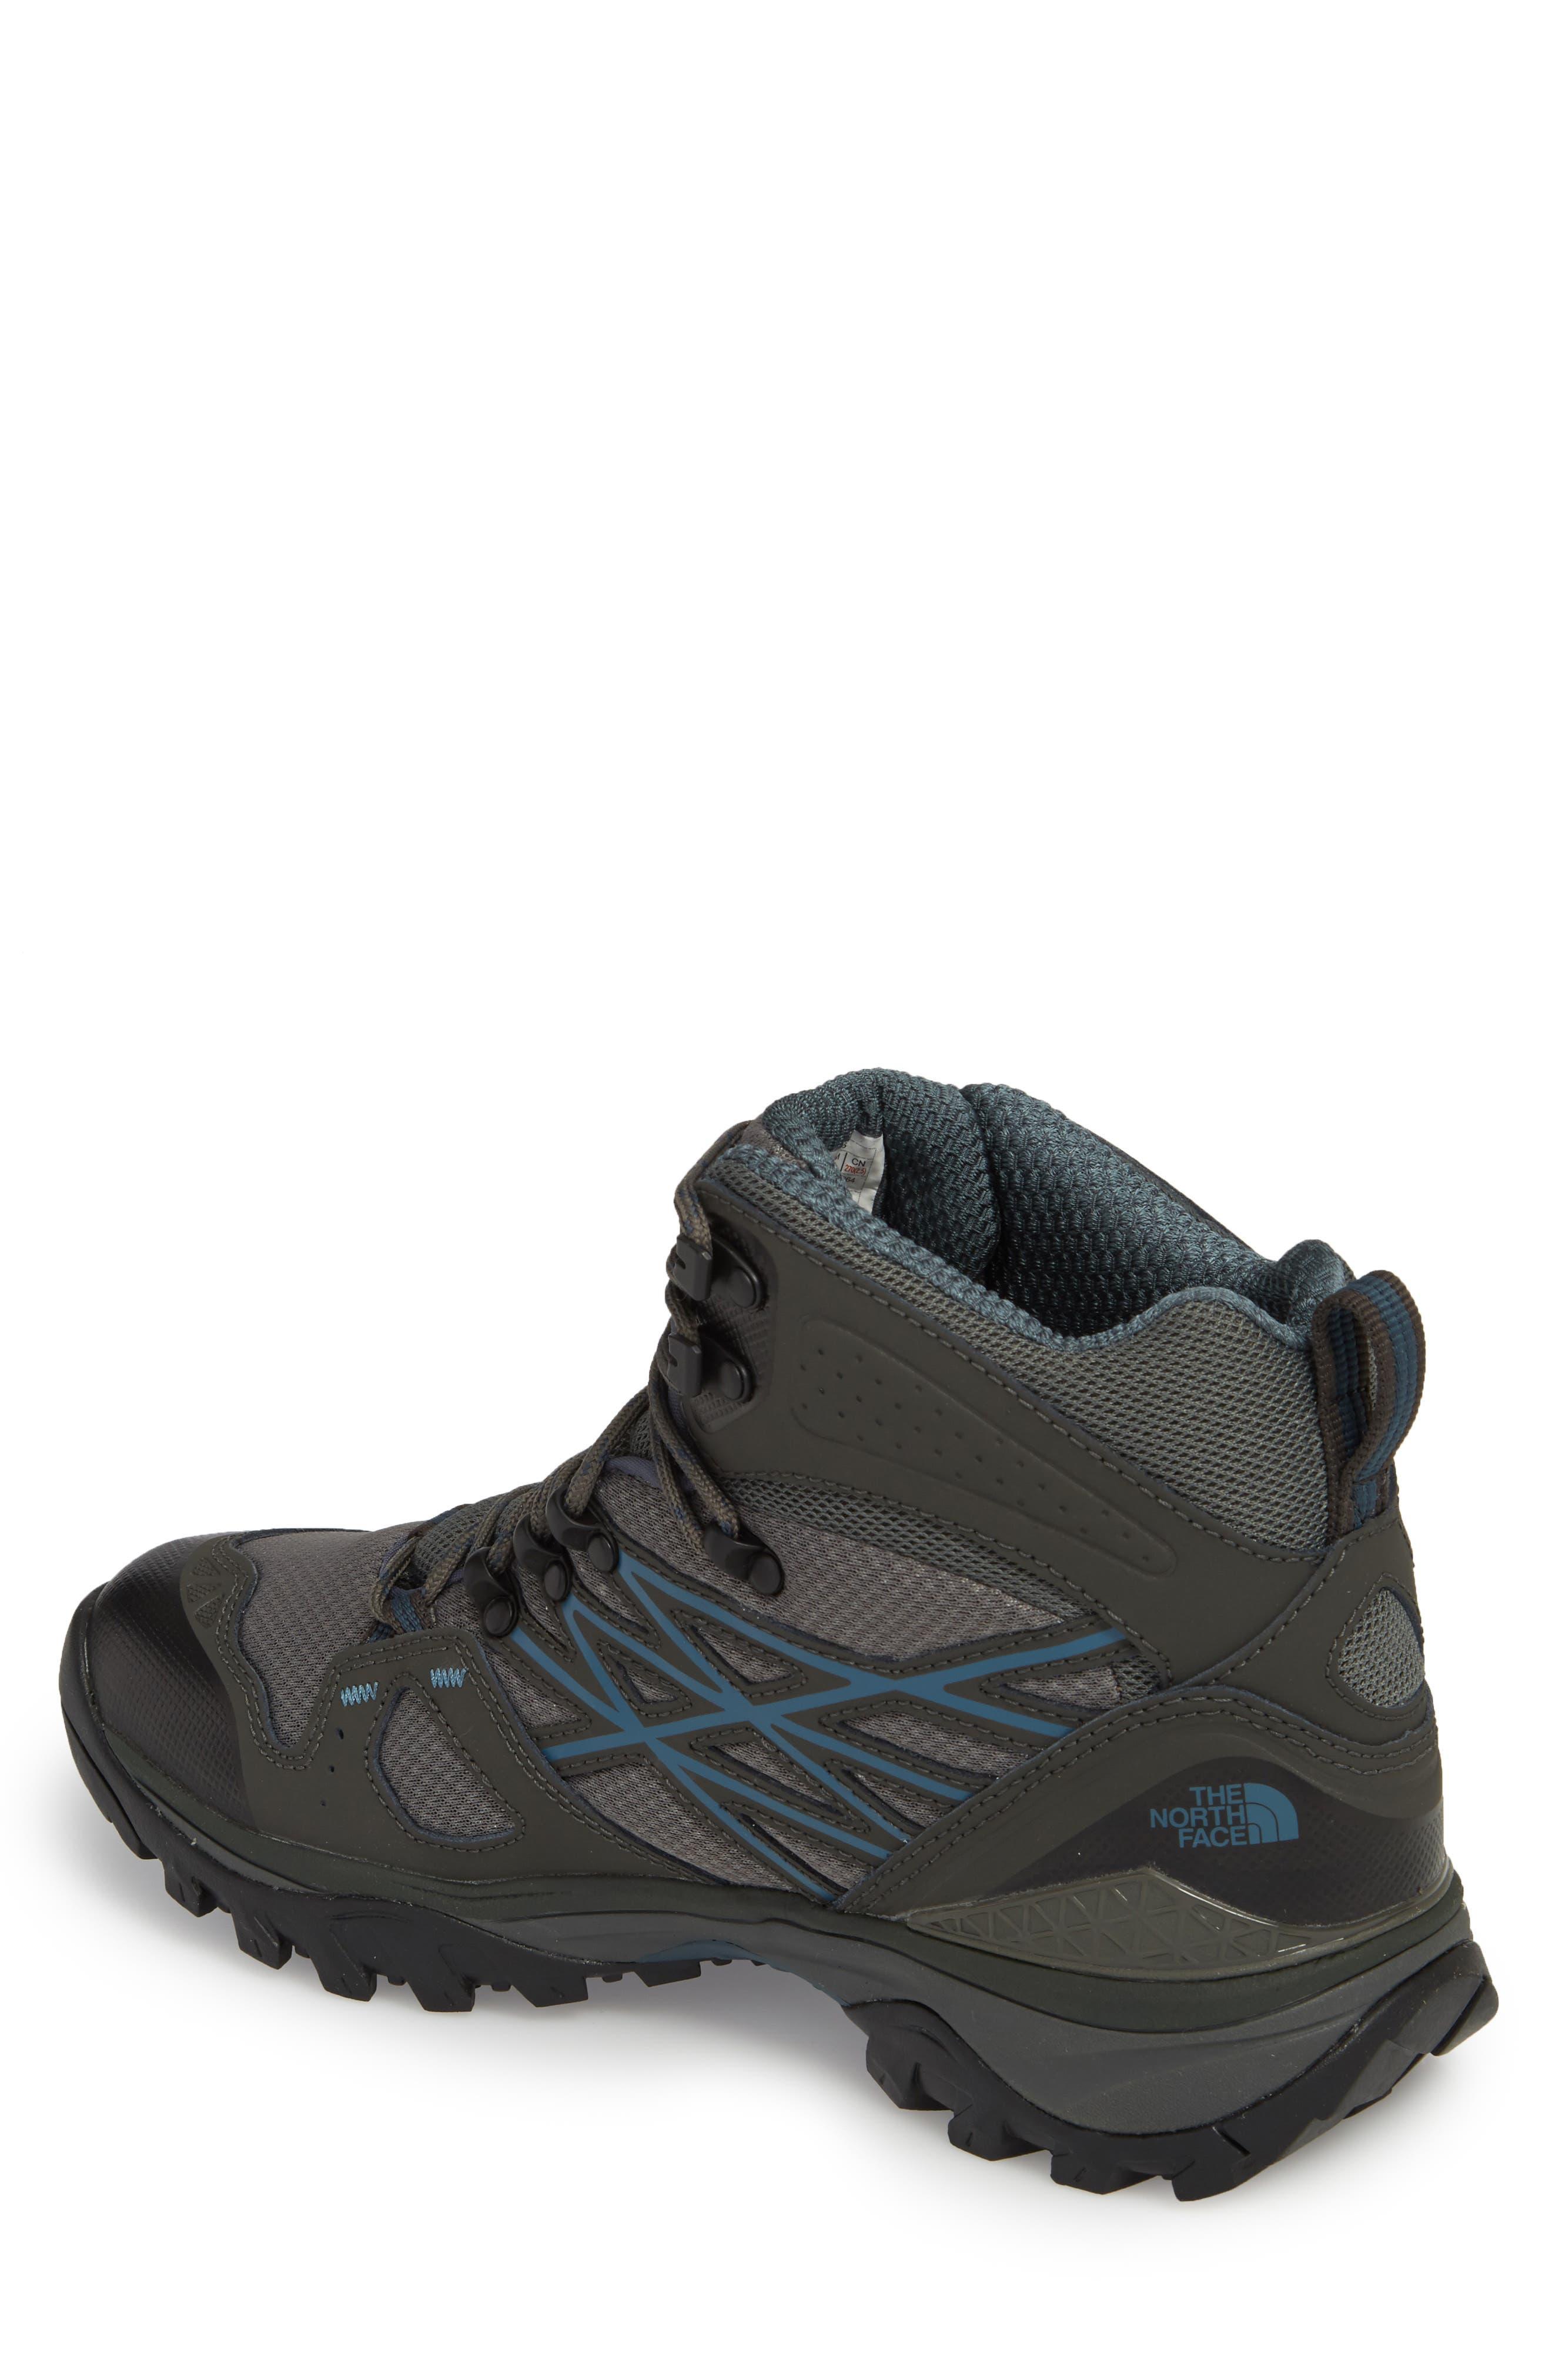 Hedgehog Fastpack Mid Gore-Tex<sup>®</sup> Waterproof Hiking Shoe,                             Alternate thumbnail 2, color,